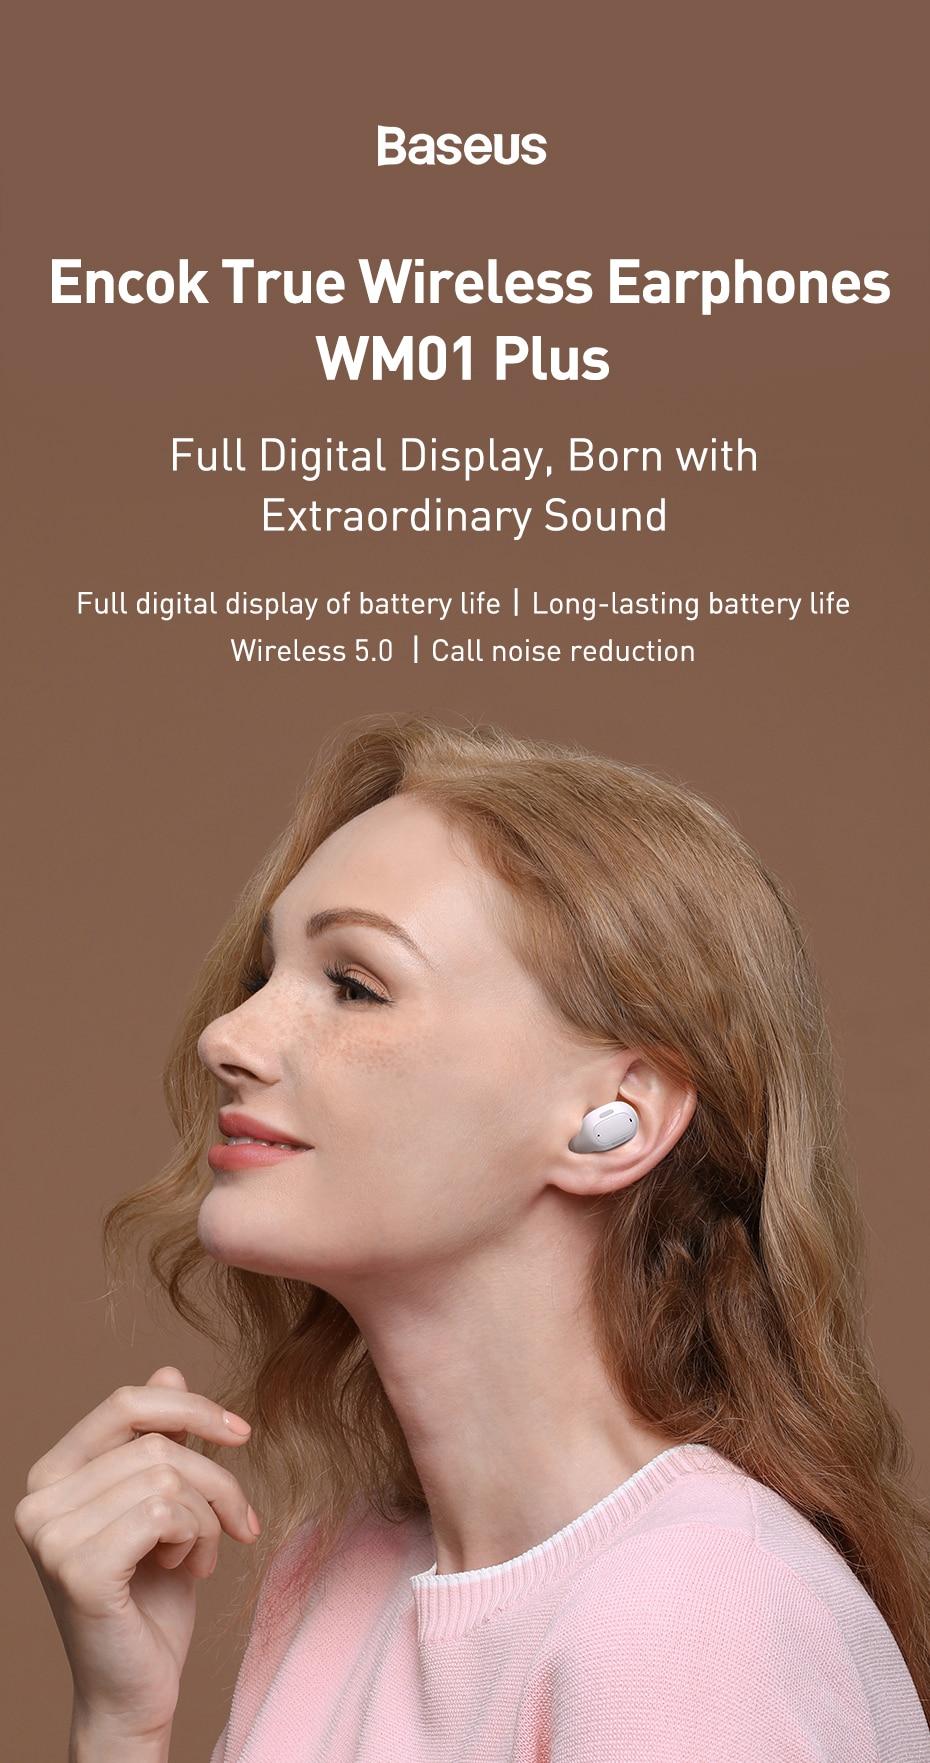 Baseus Encok WM01 Plus TWS True Wireless Earphones 3